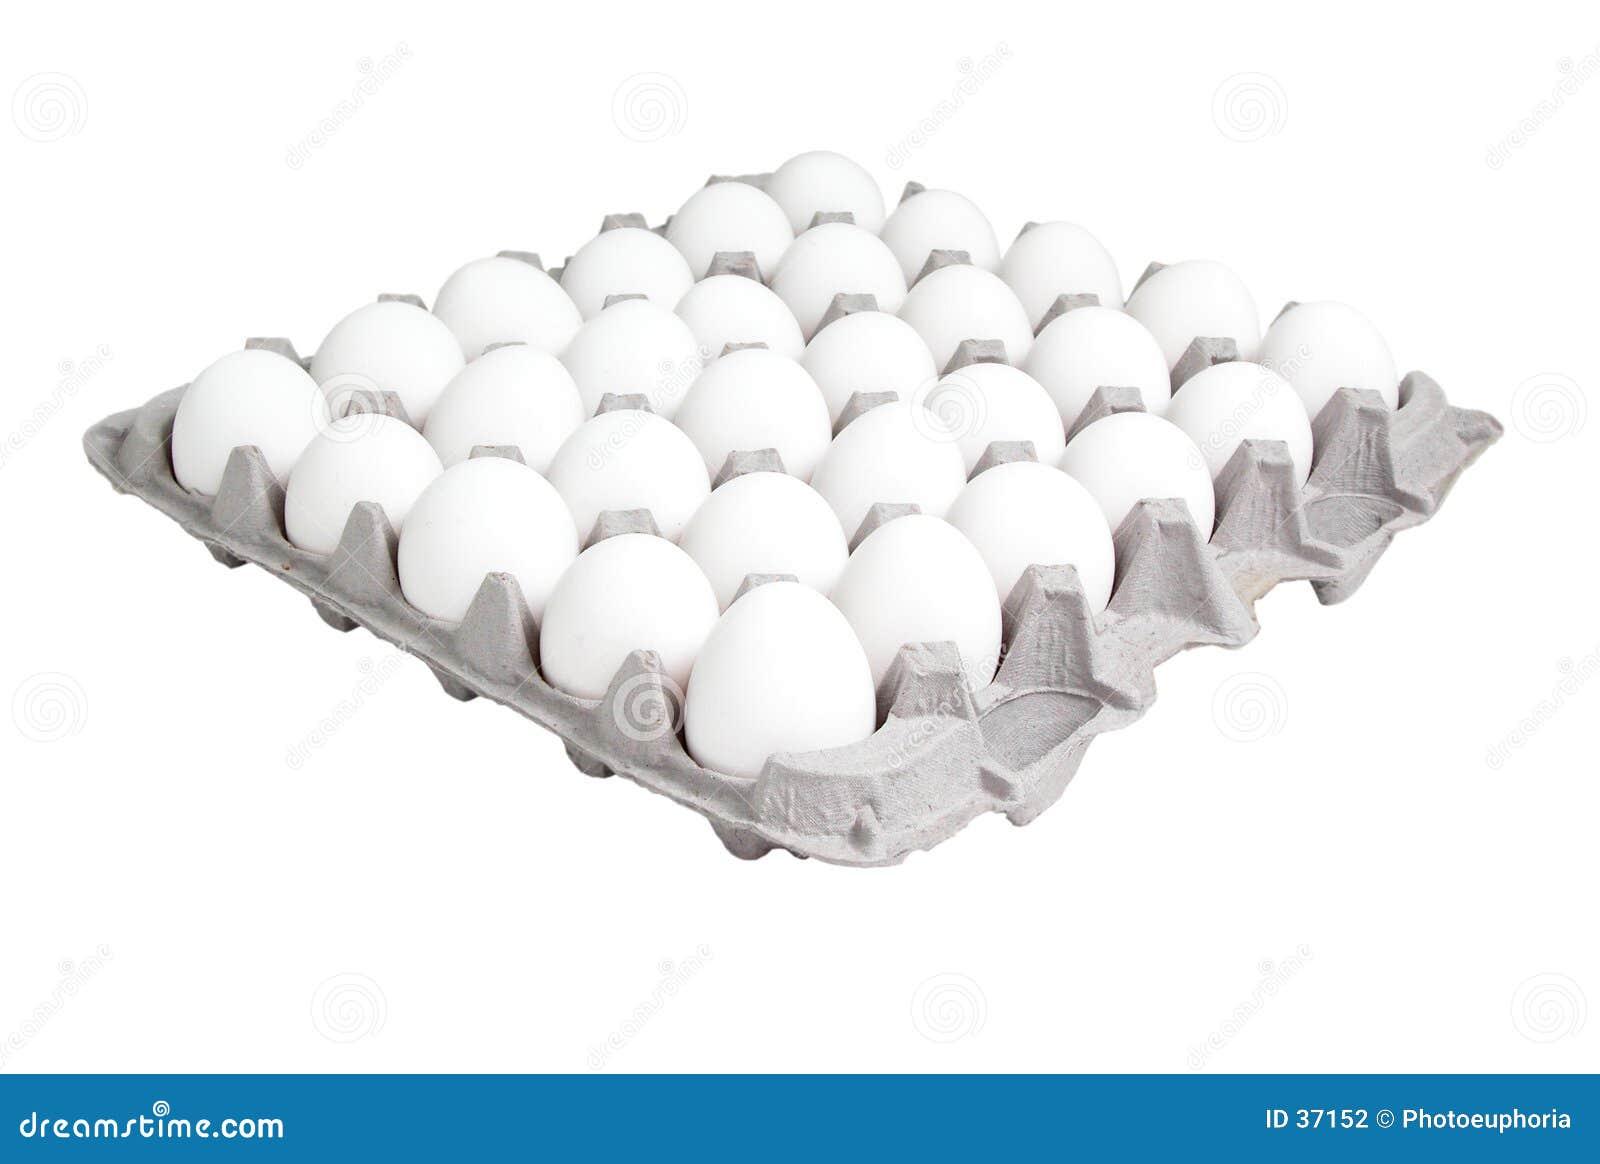 τρόφιμα 24 χαρτοκιβωτίων αυ&g